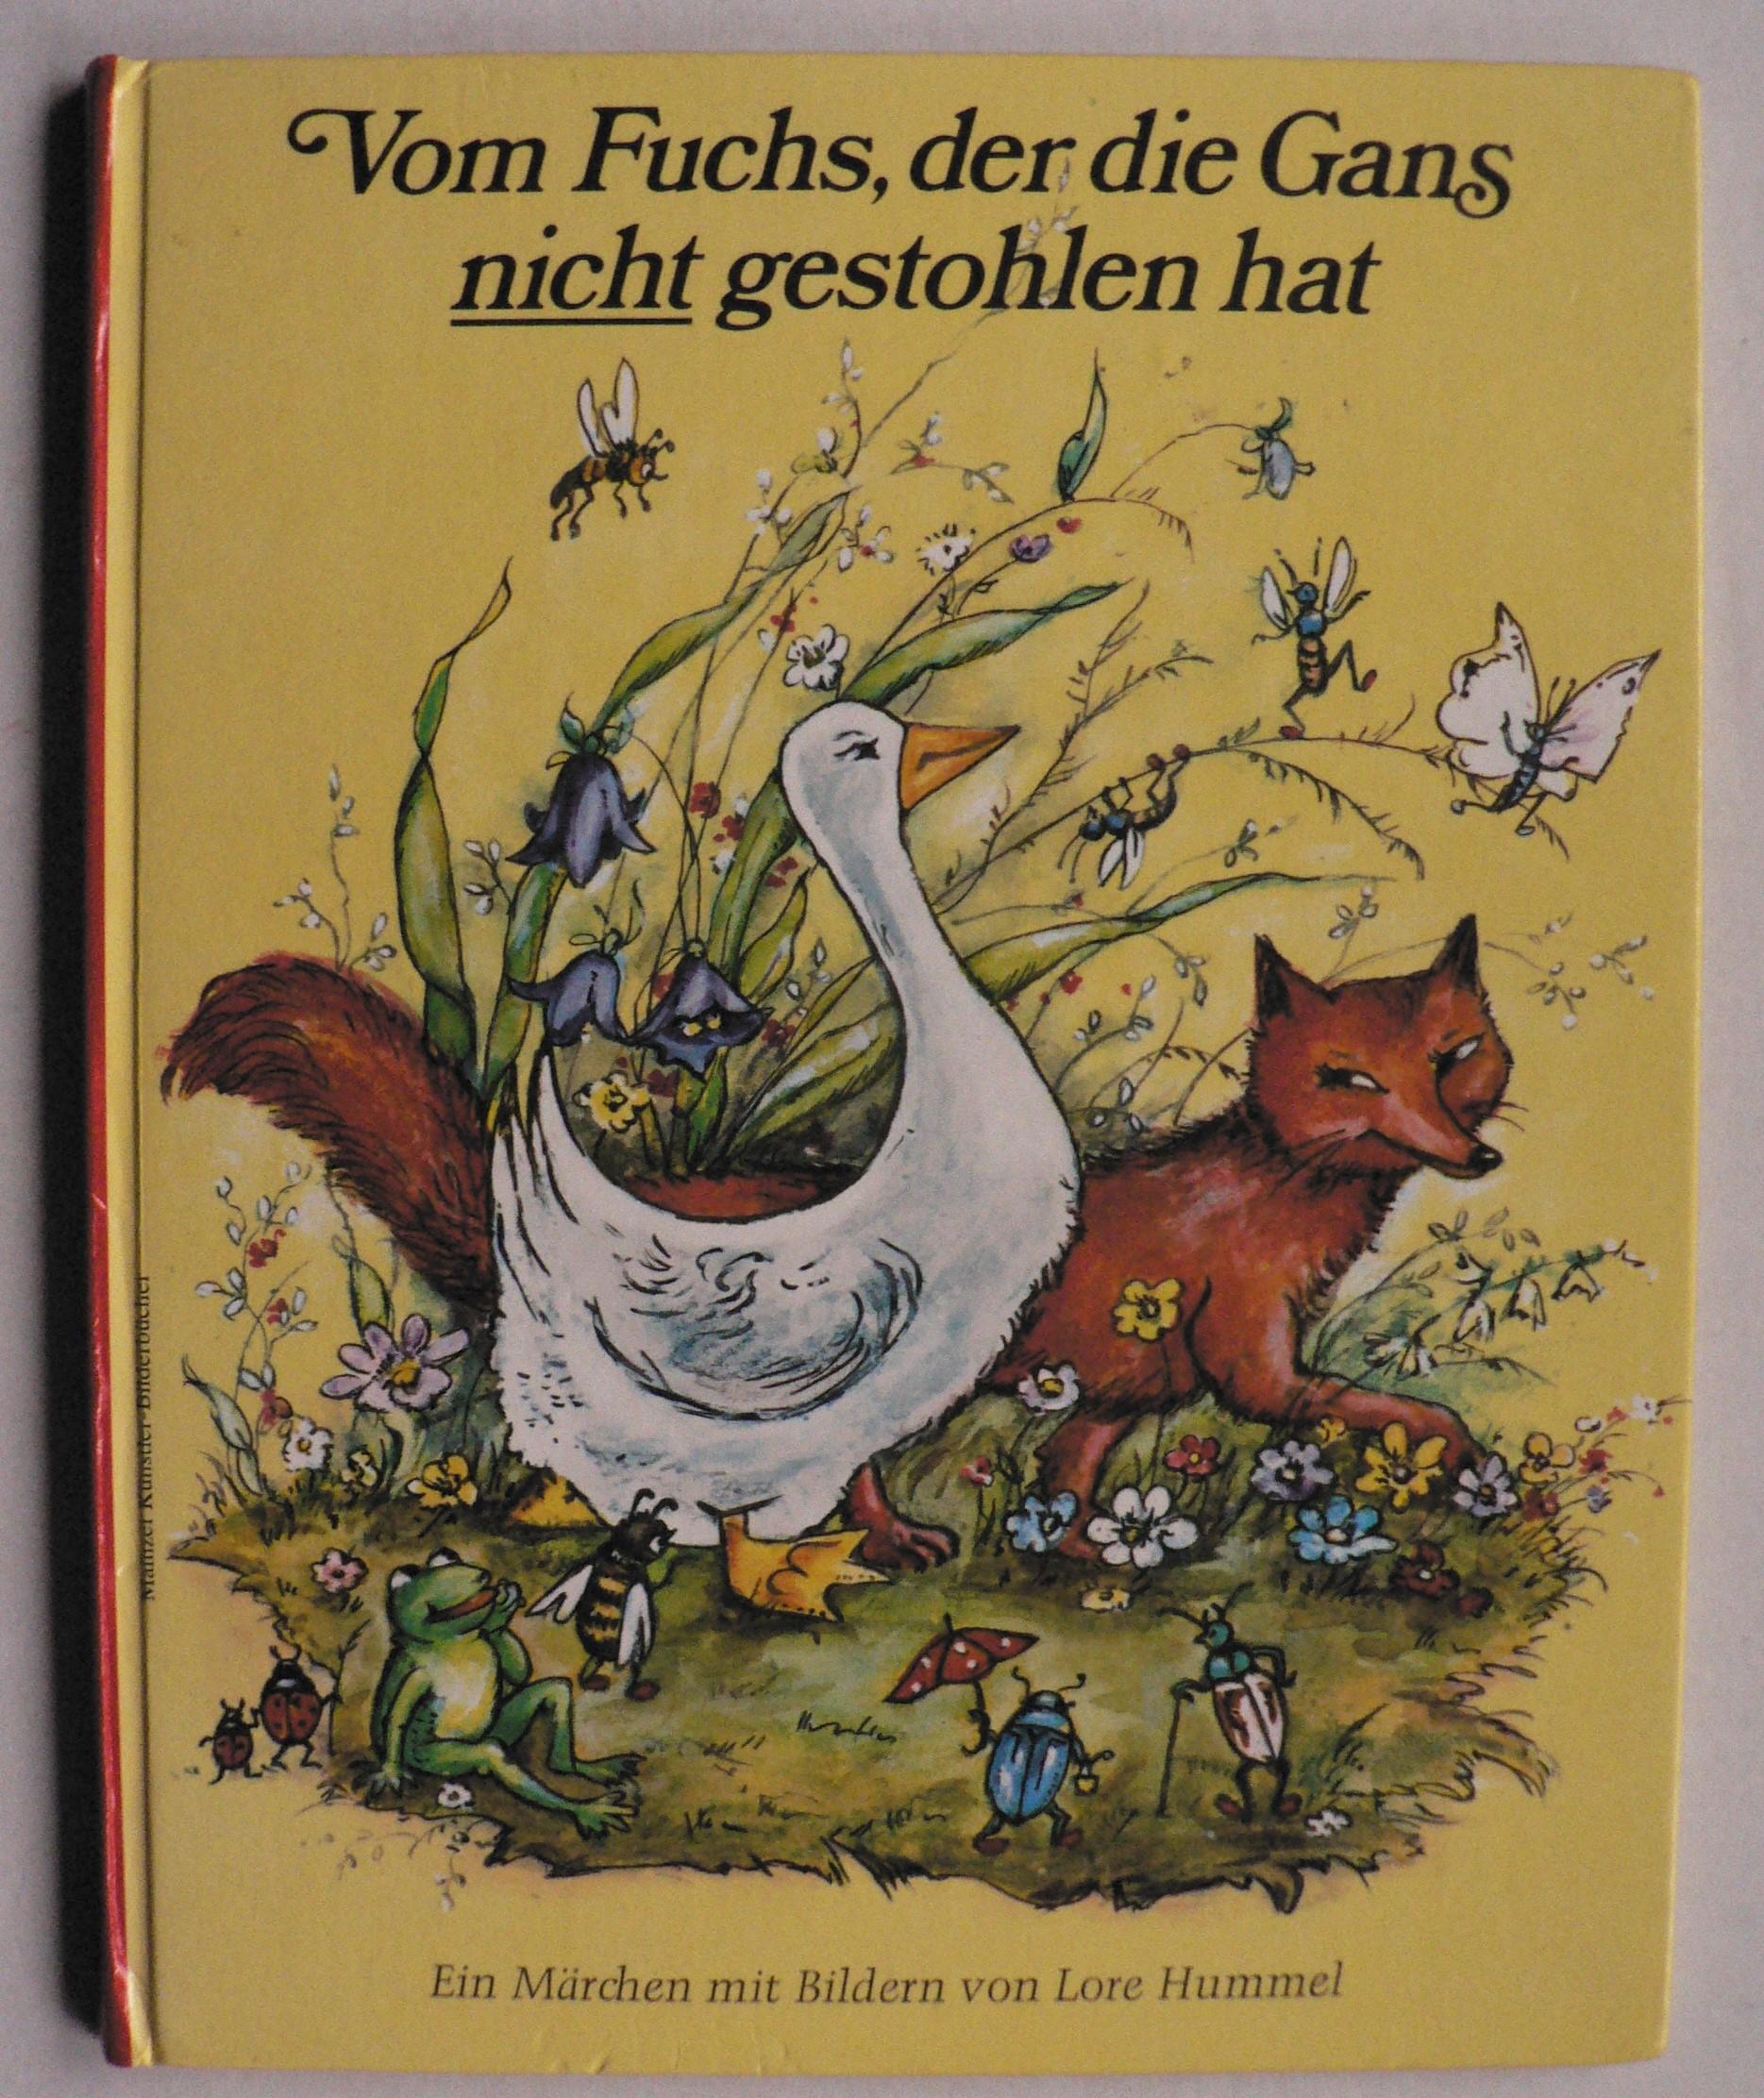 Lore Hummel (Illustr.) Vom Fuchs, der die Gans nicht gestohlen hat. Ein Märchen